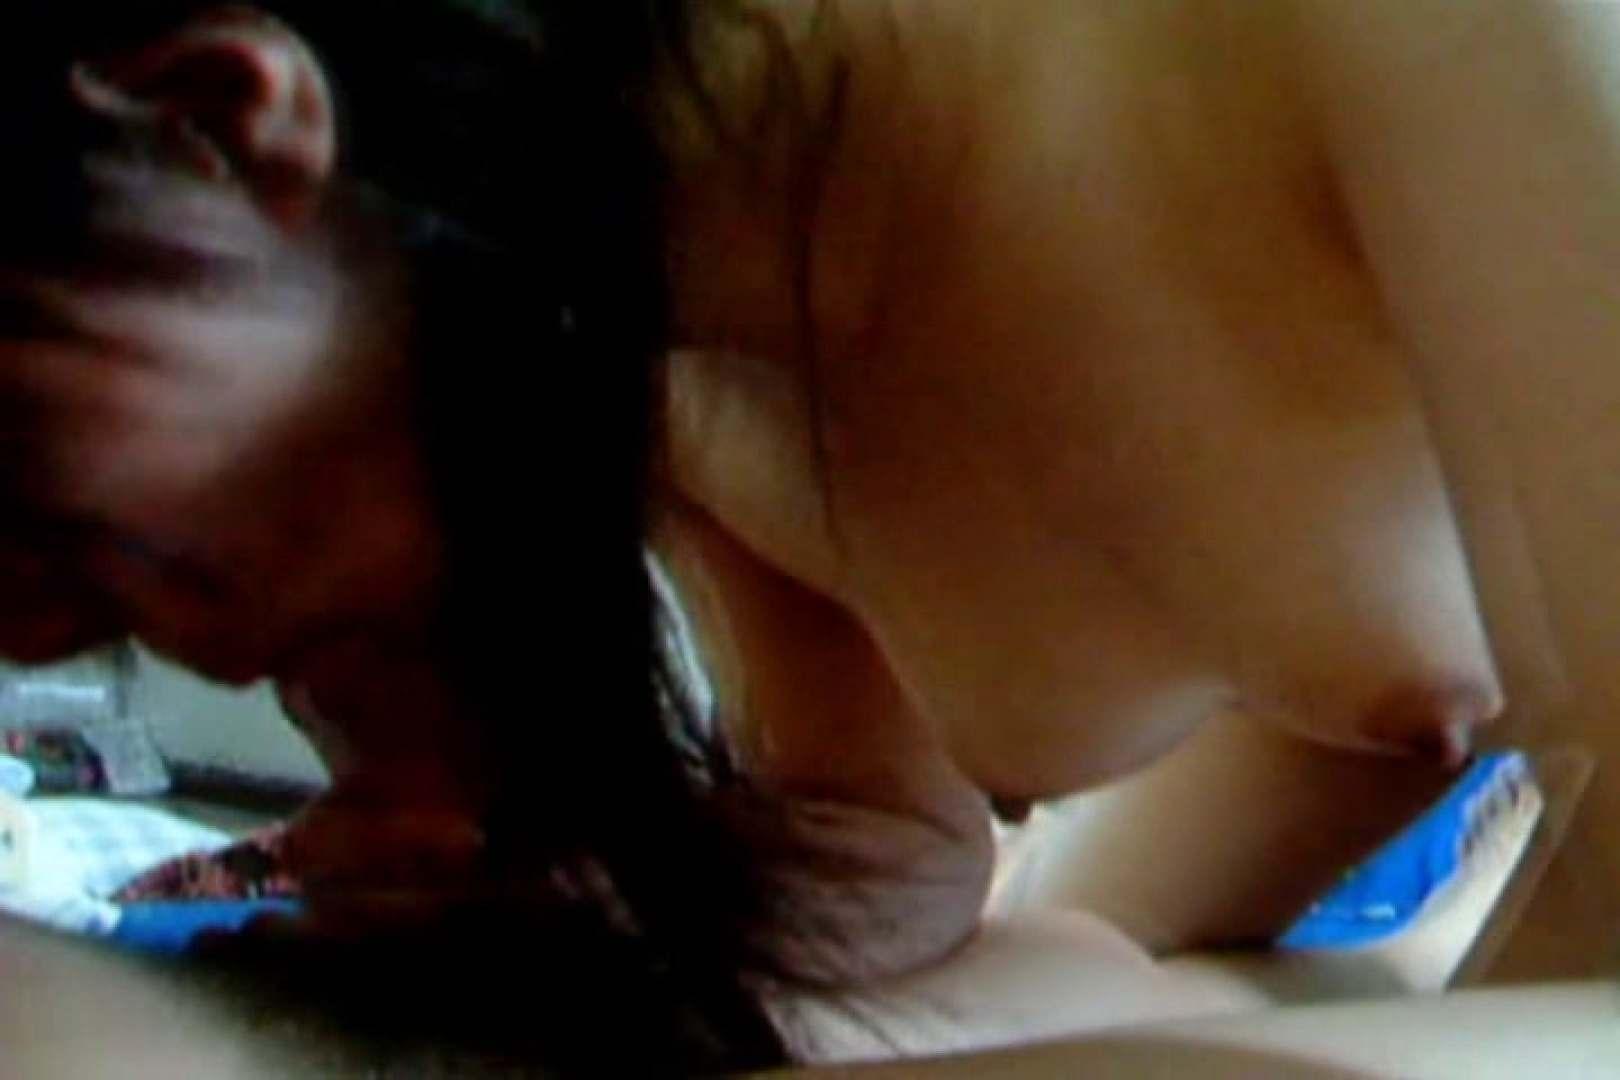 ウイルス流出 鹿児島県庁職員 中瀬瀬久成の流出ビデオ おまんこ娘 | 特撮オマンコ  95連発 61